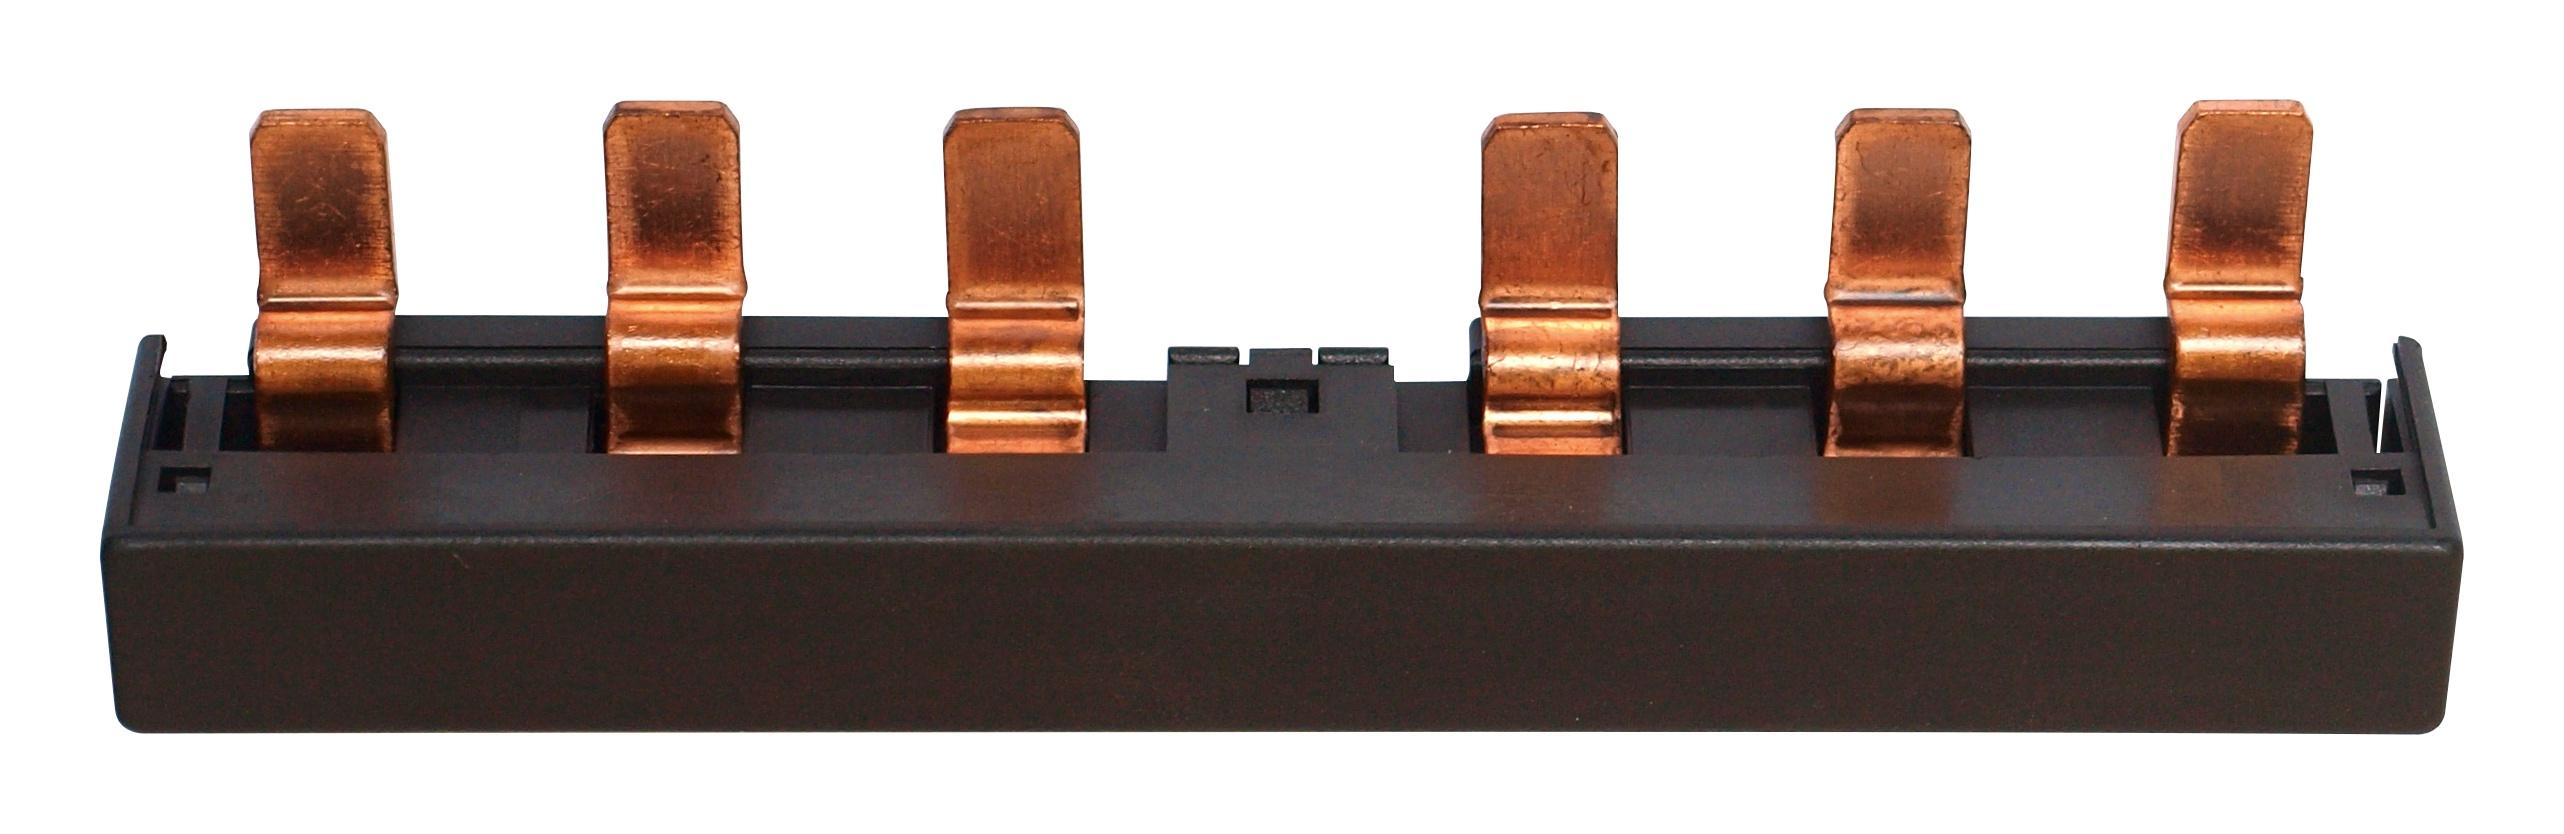 1 Stk Bausatz f. Wendestarter 3, Verschienung u. Verbindungsclips LSZ3W001--